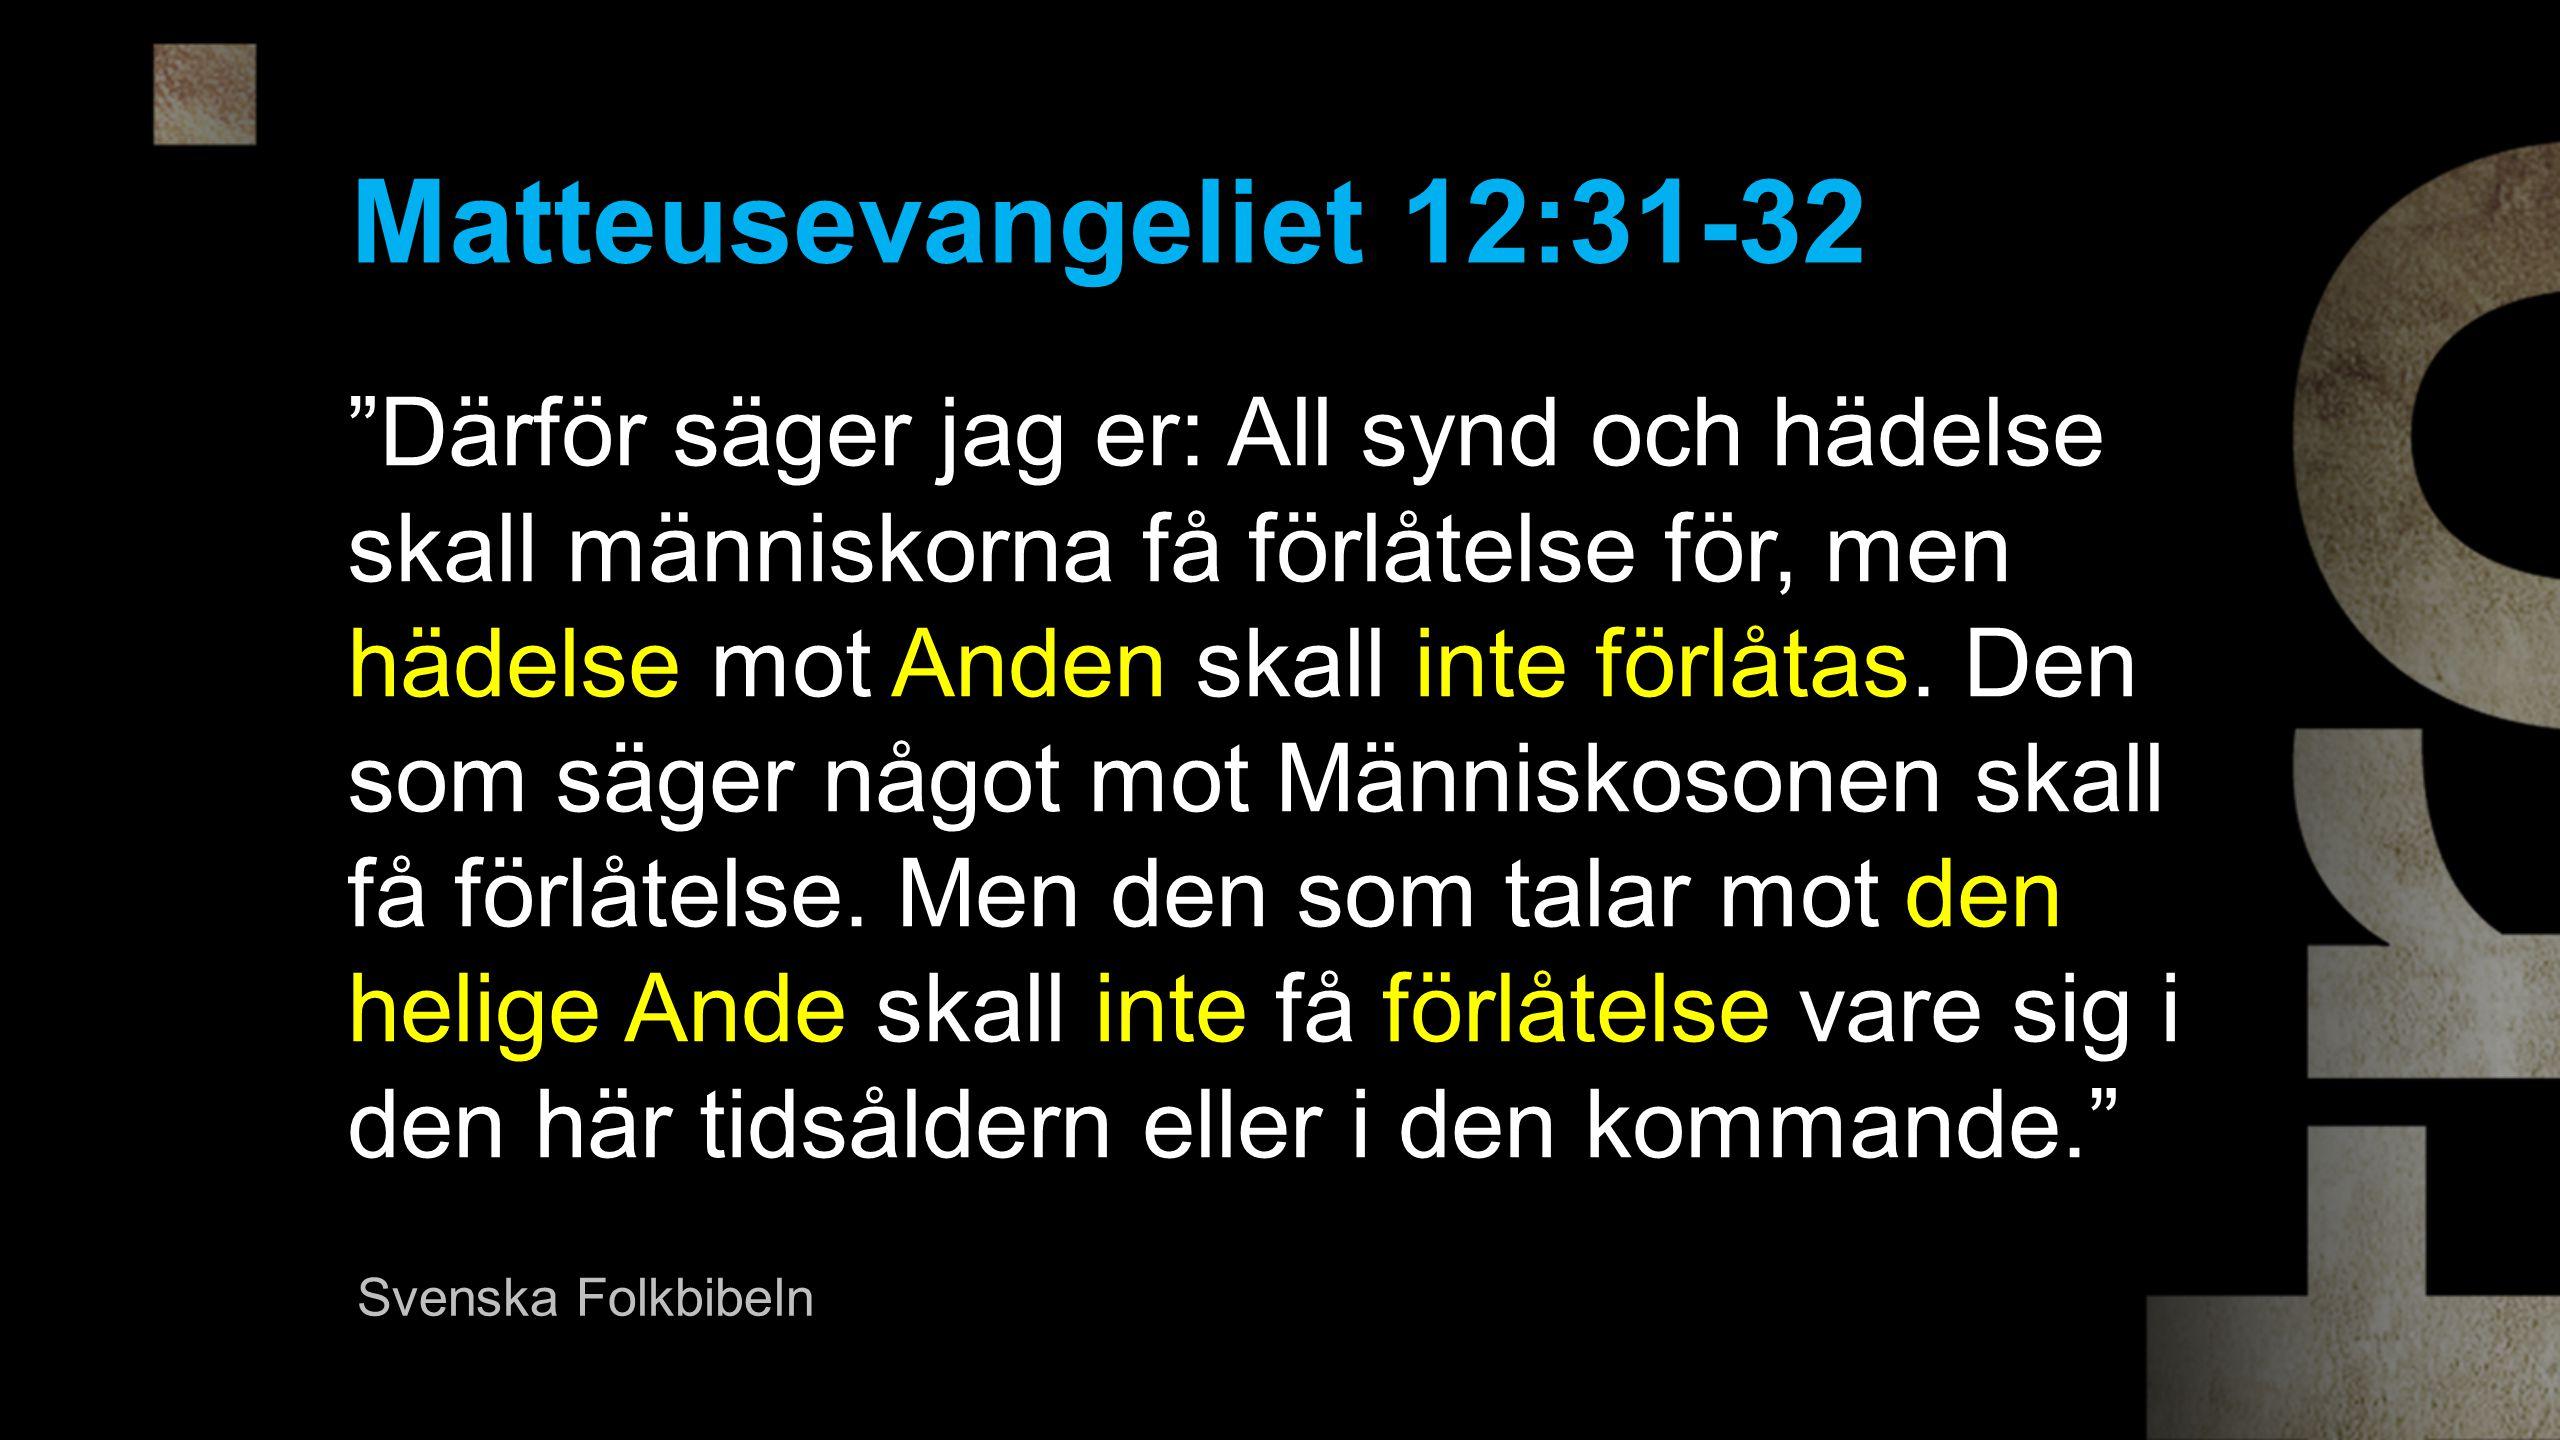 Därför säger jag er: All synd och hädelse skall människorna få förlåtelse för, men hädelse mot Anden skall inte förlåtas.